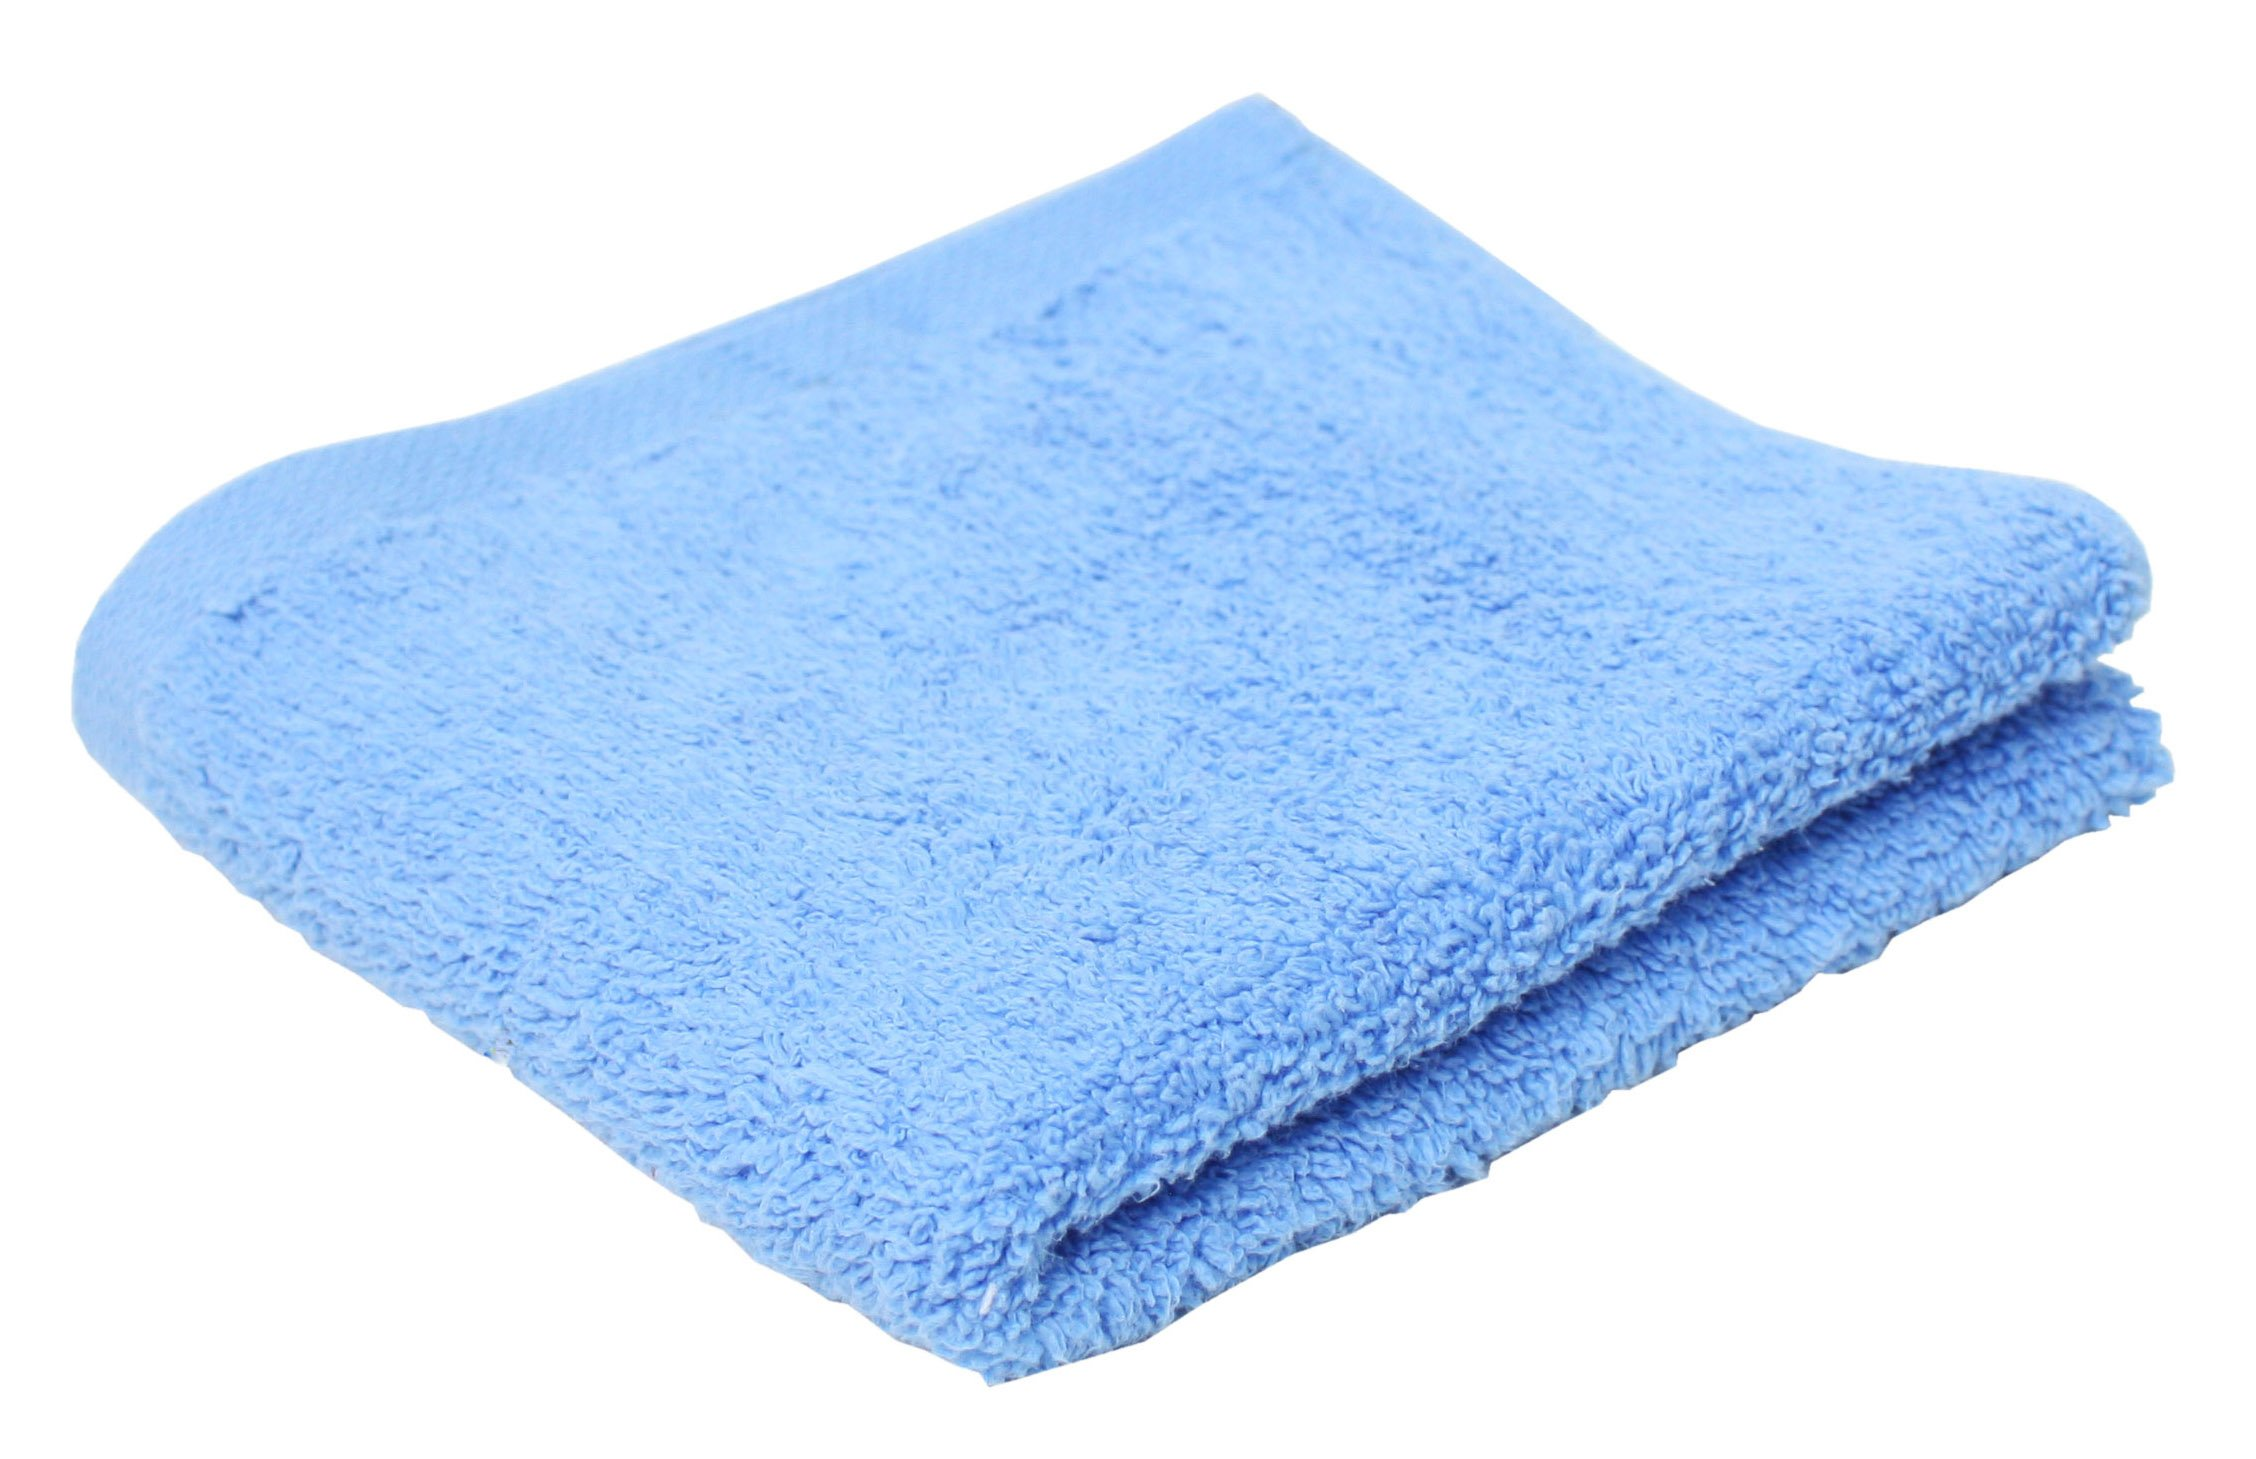 J & M Home Fashions Portofino Hand Towel, Ocean Blue (72 Pack)